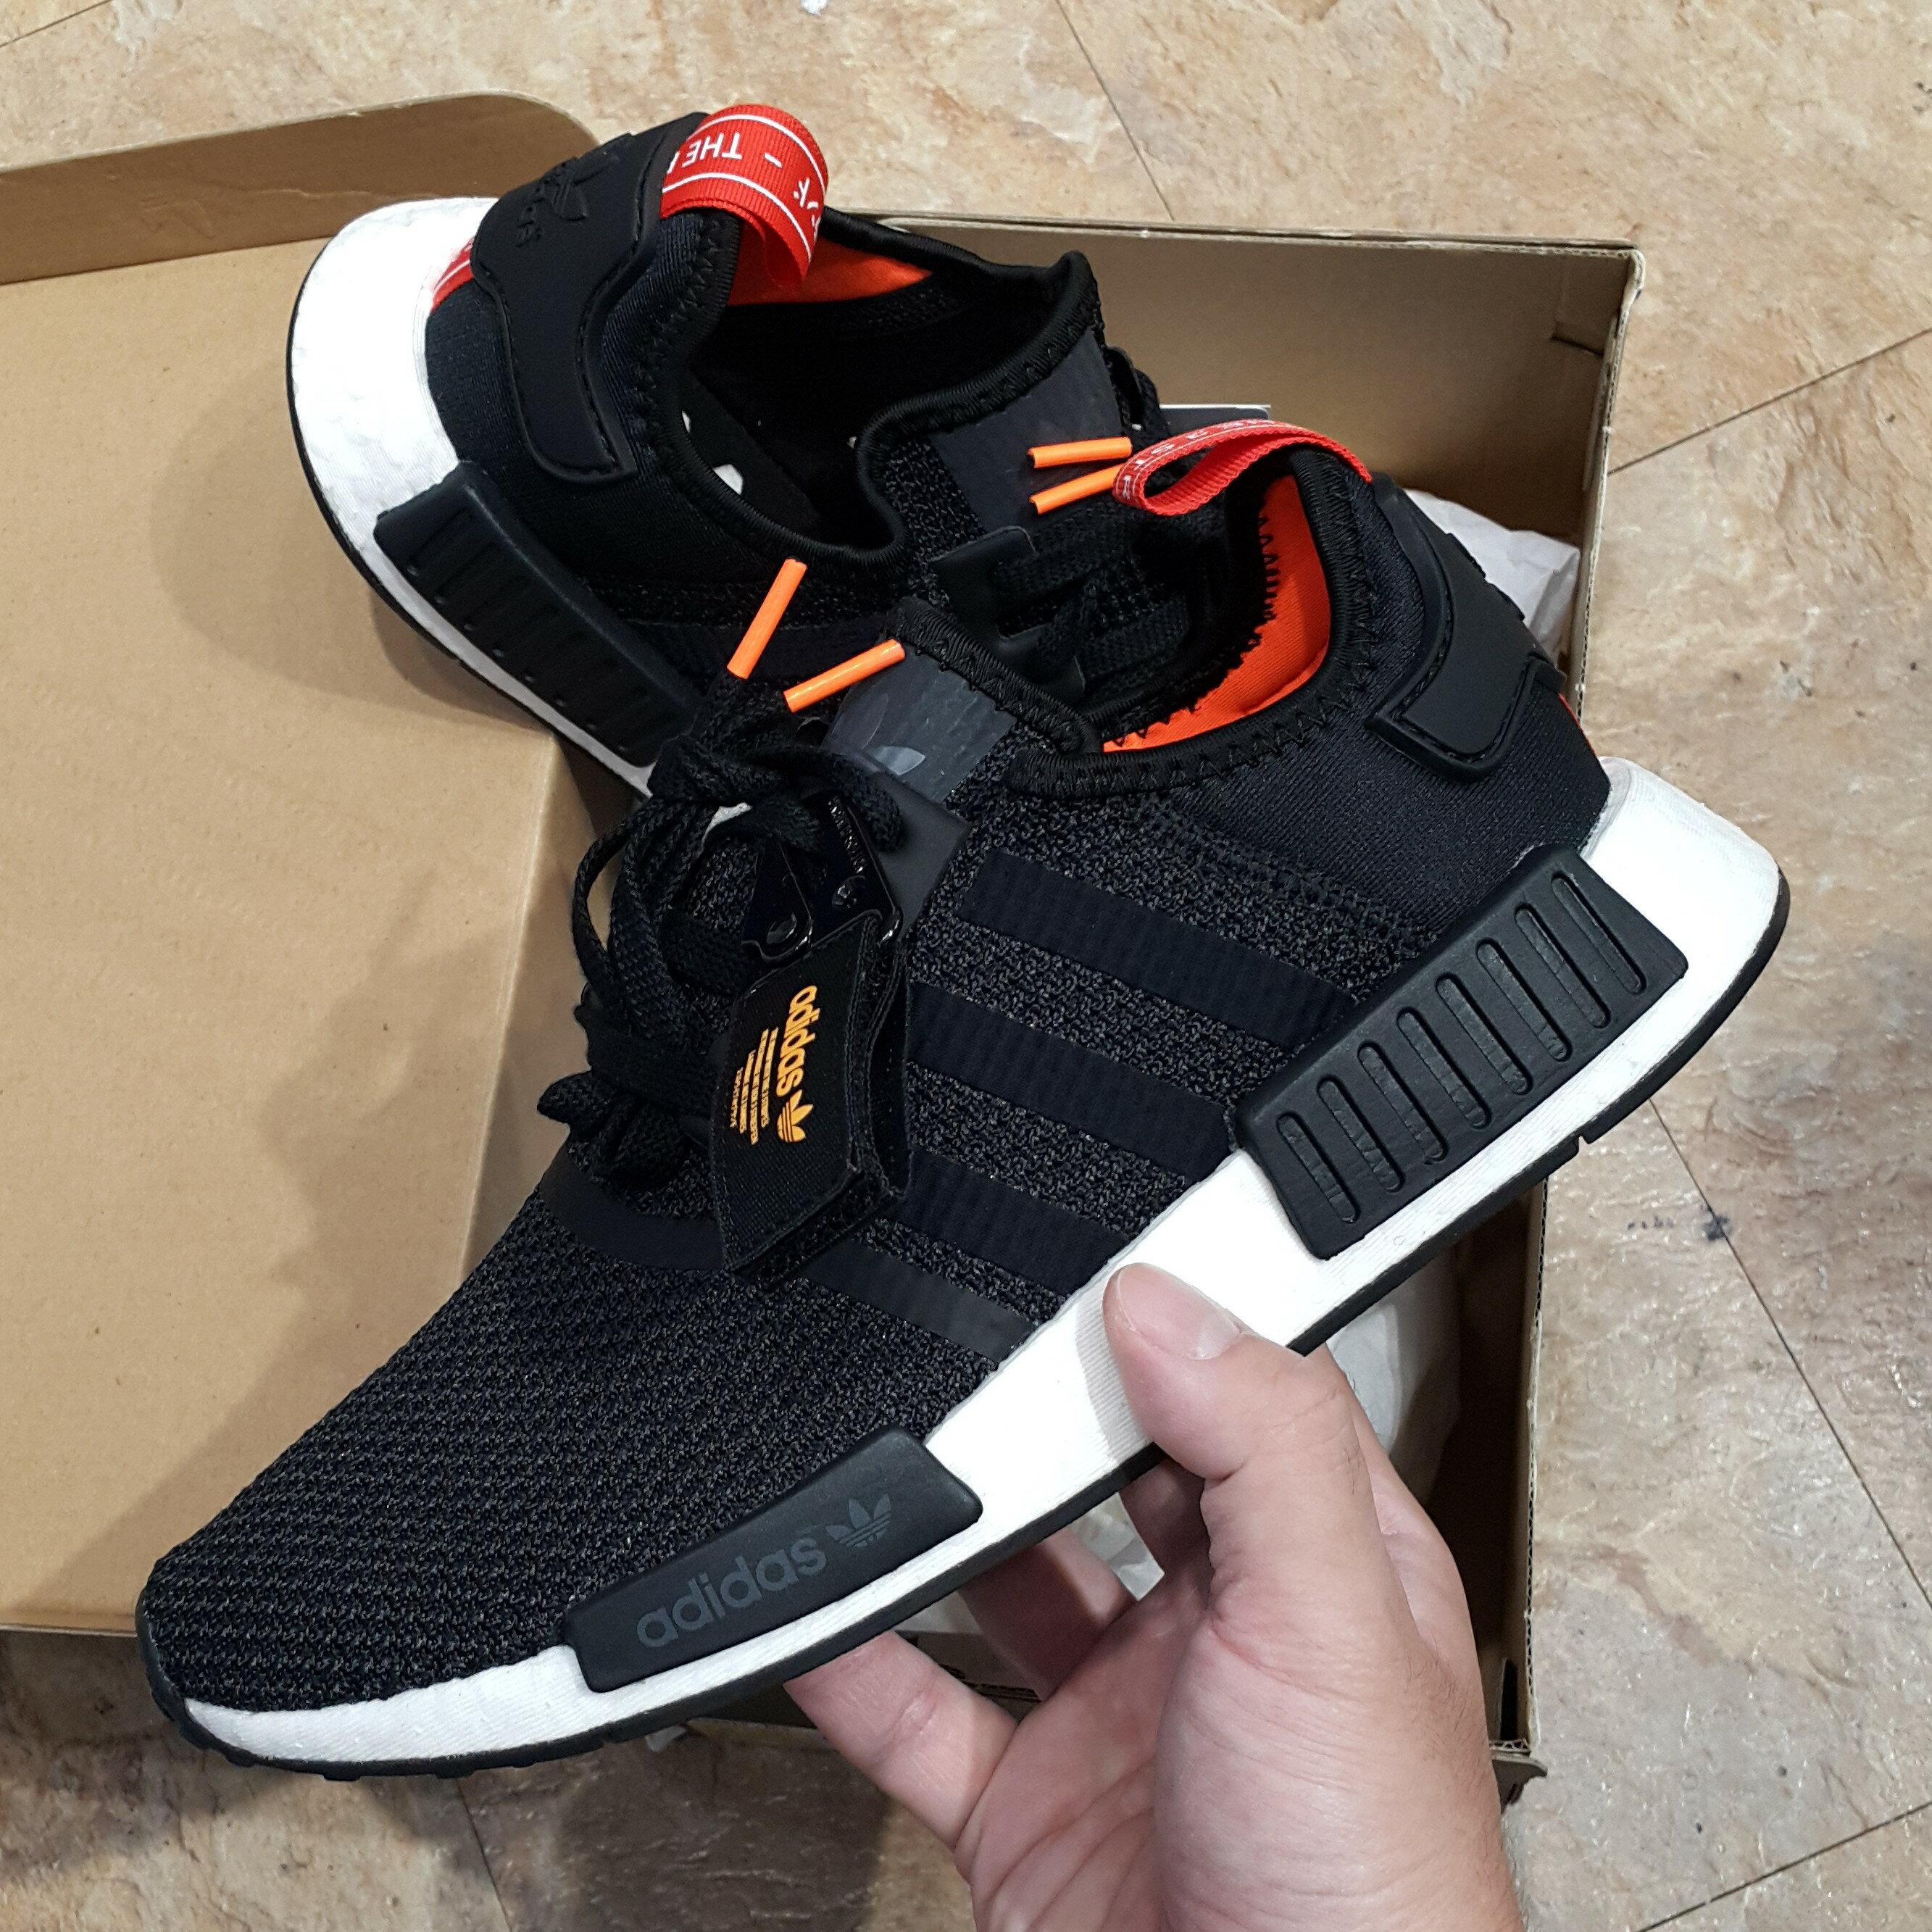 adidas NMD R1 BOOST 愛迪達 黑橘 日文 吊牌 扣環 黑色 橘色 B37621